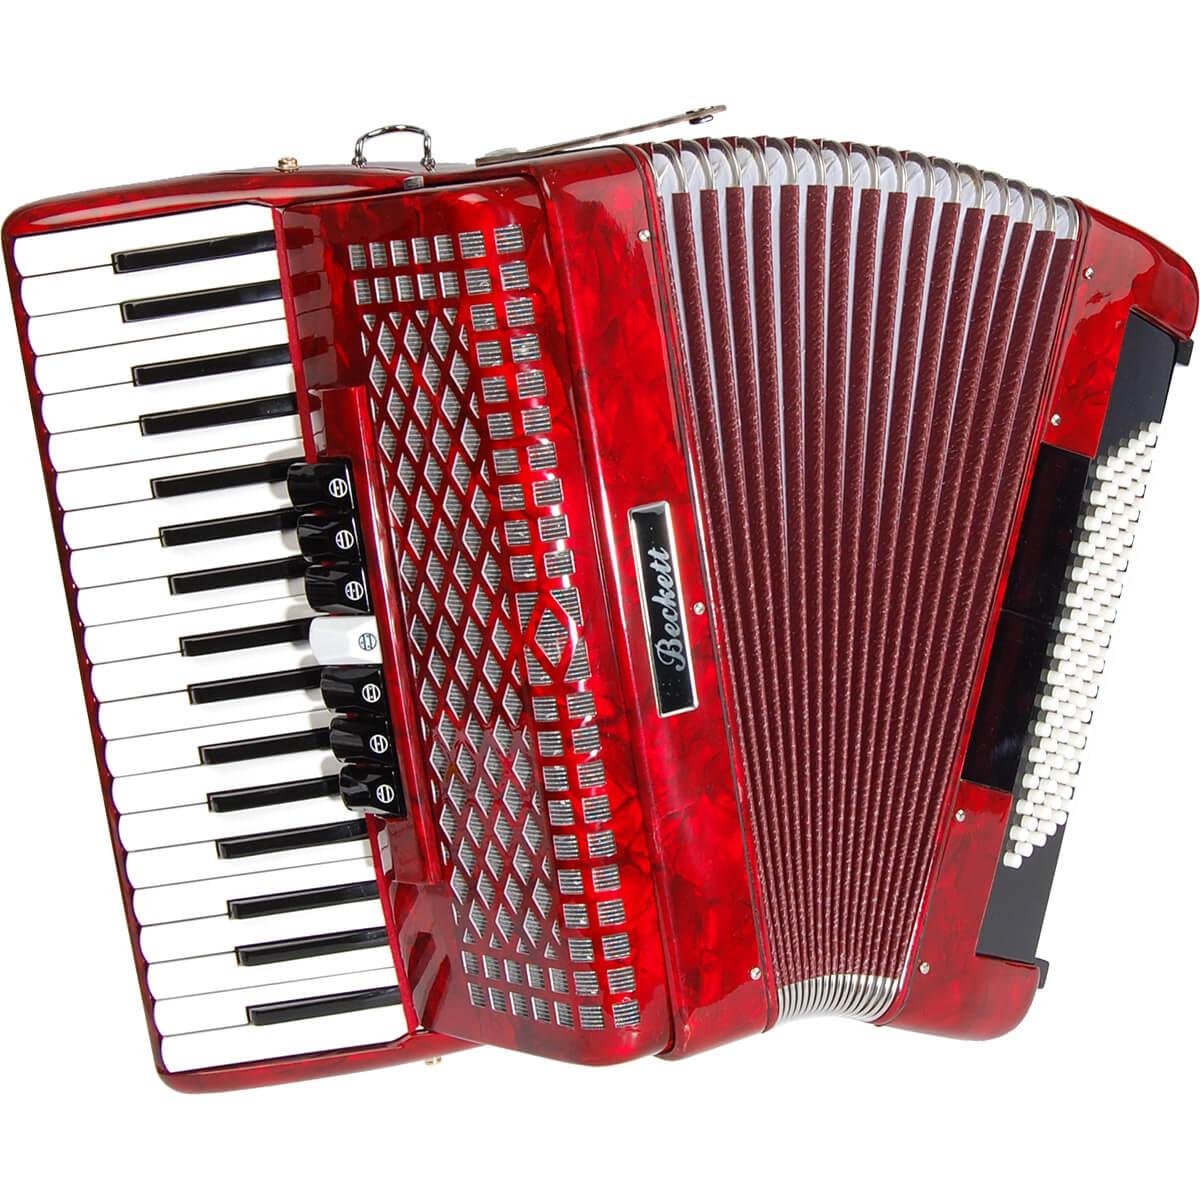 Piano-harmonika